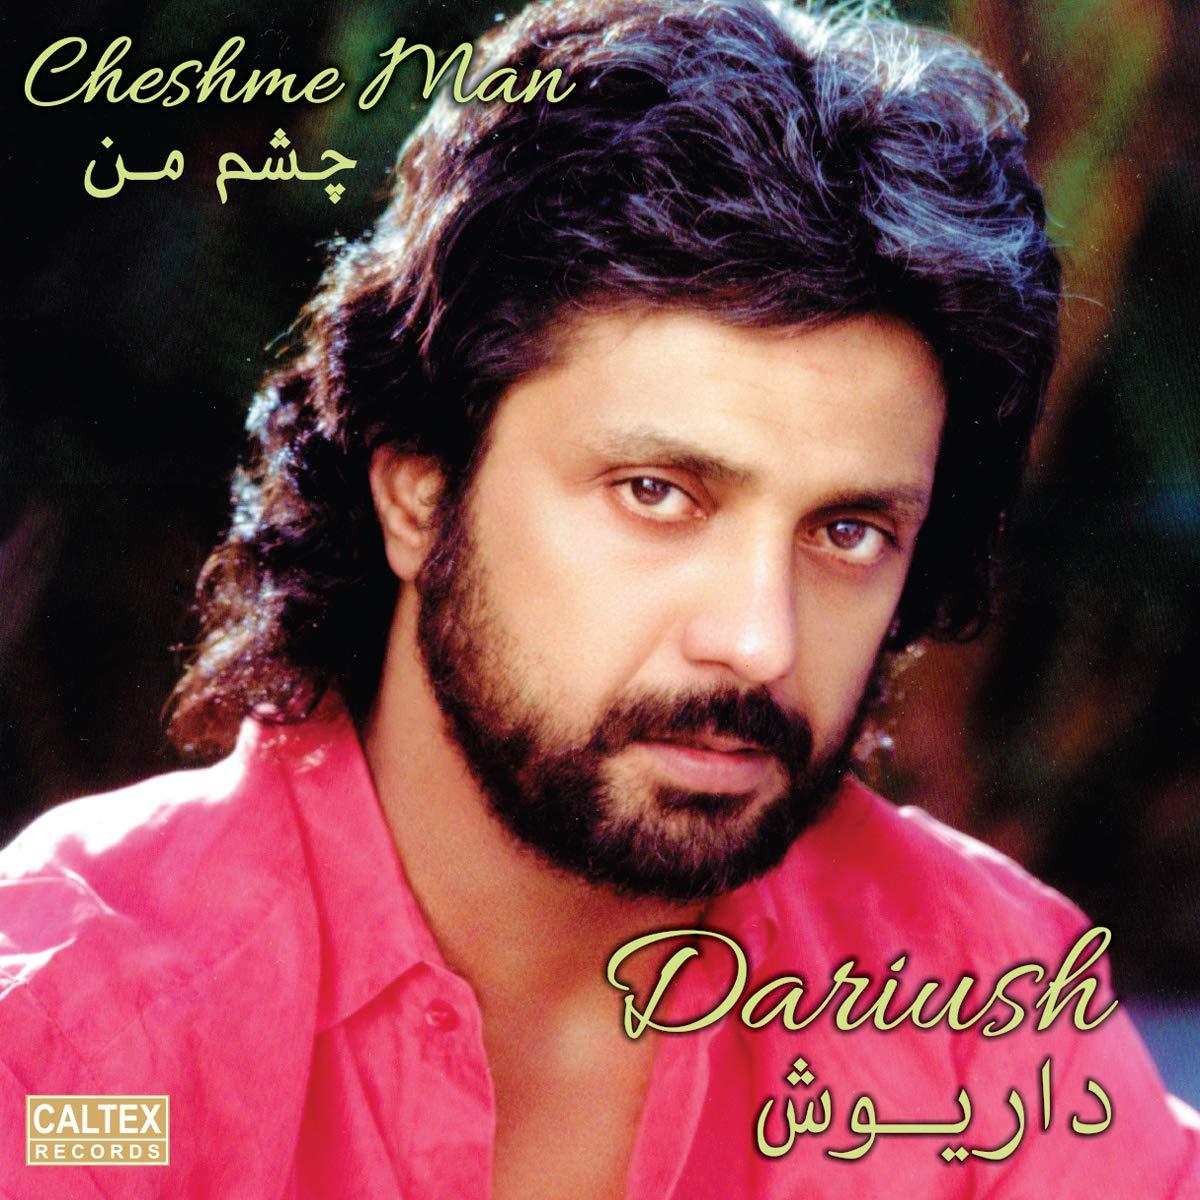 music cheshme man dariush